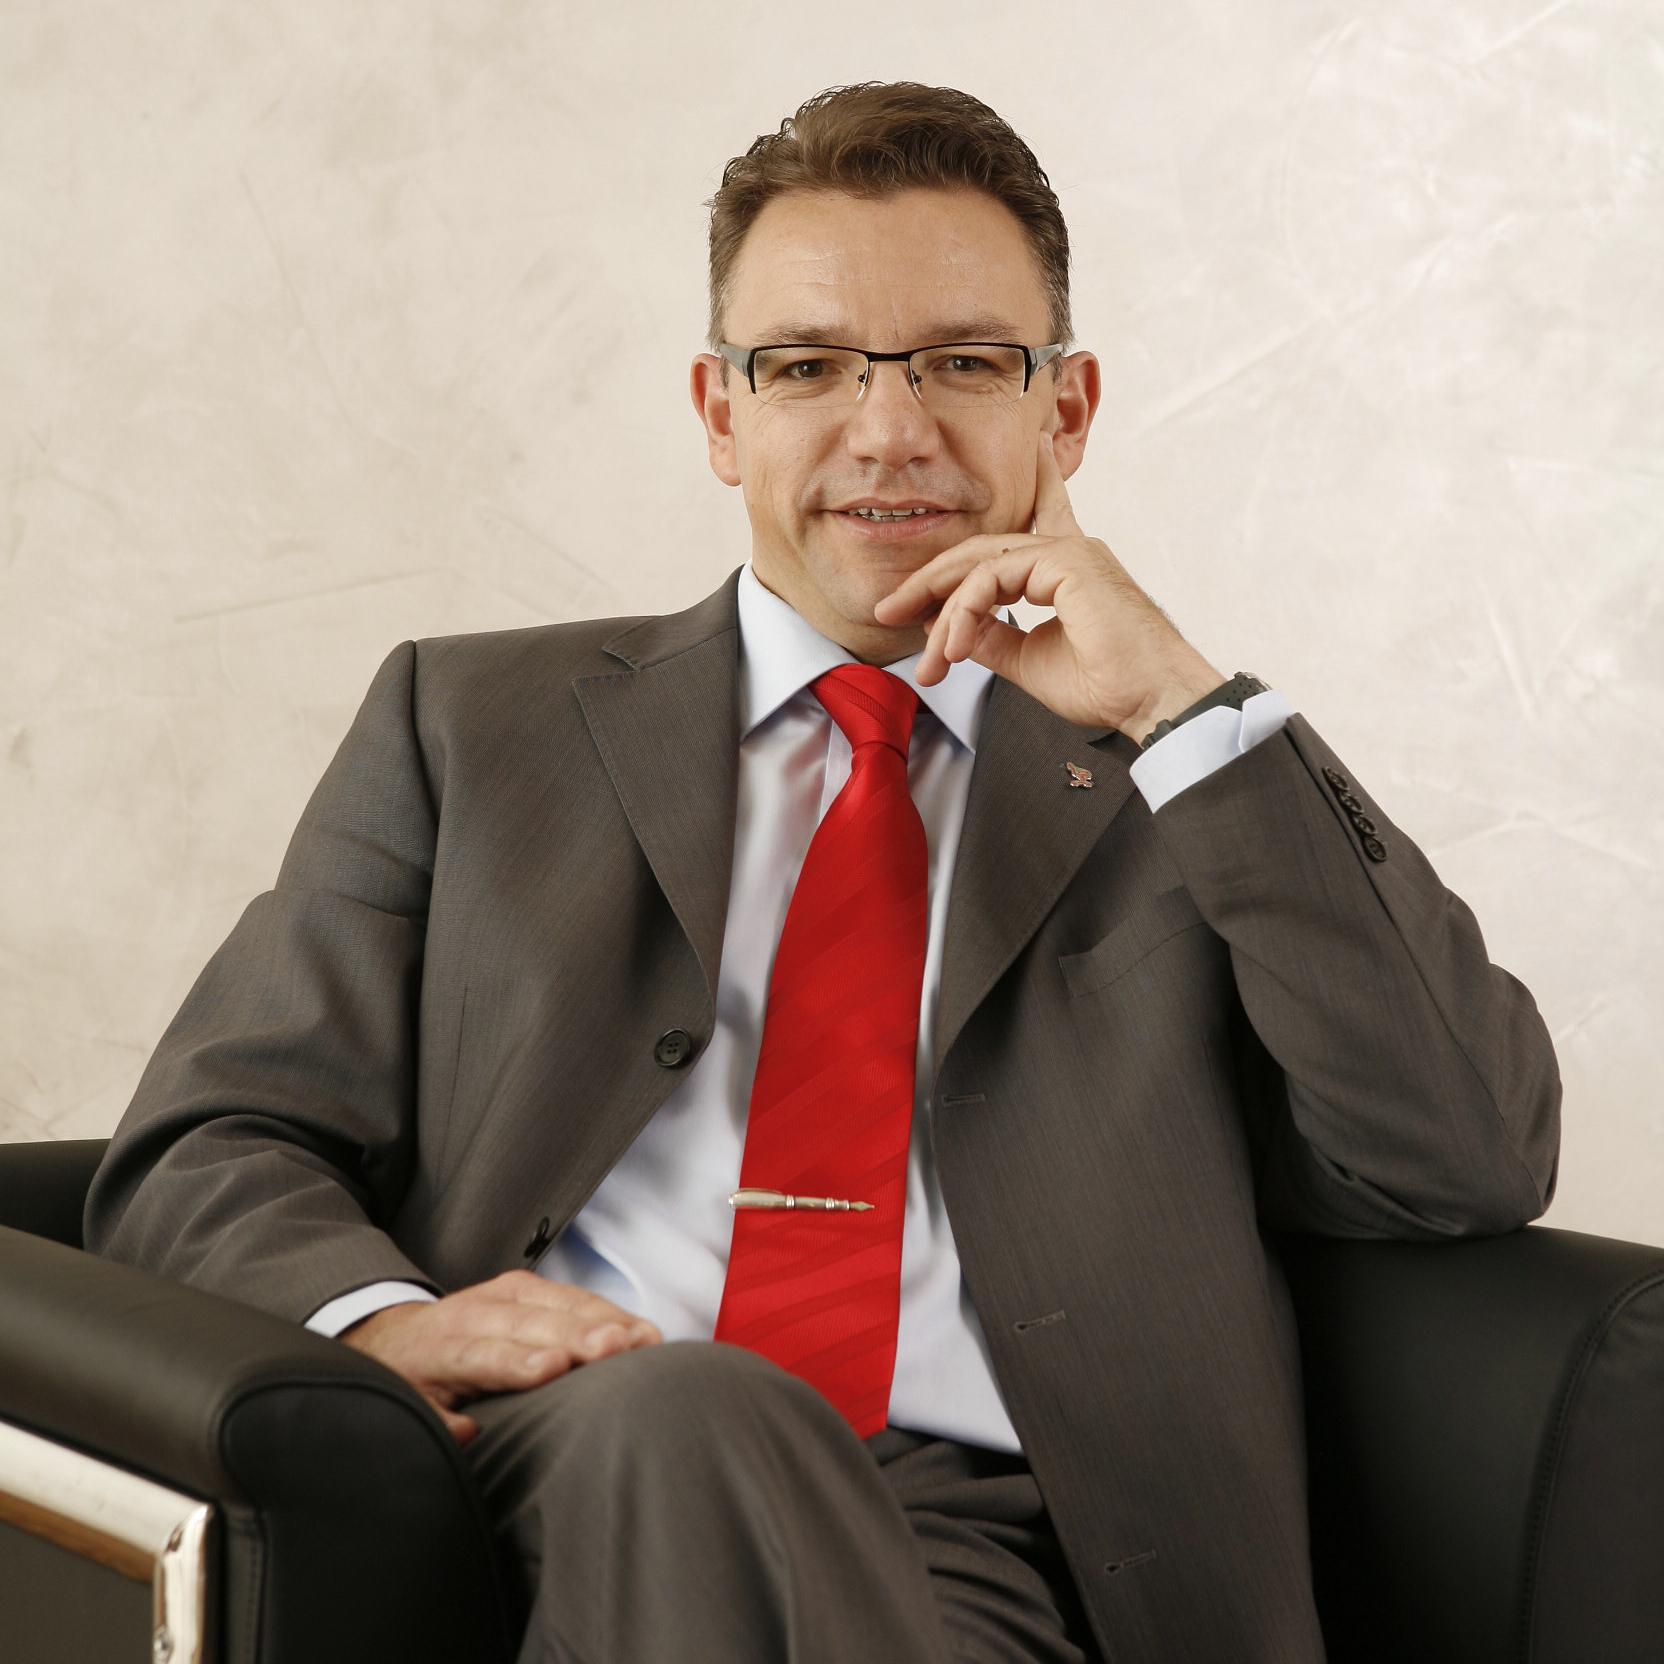 Thomas Köhl, Geschäftsführer, Köhl GmbH, Rödermark